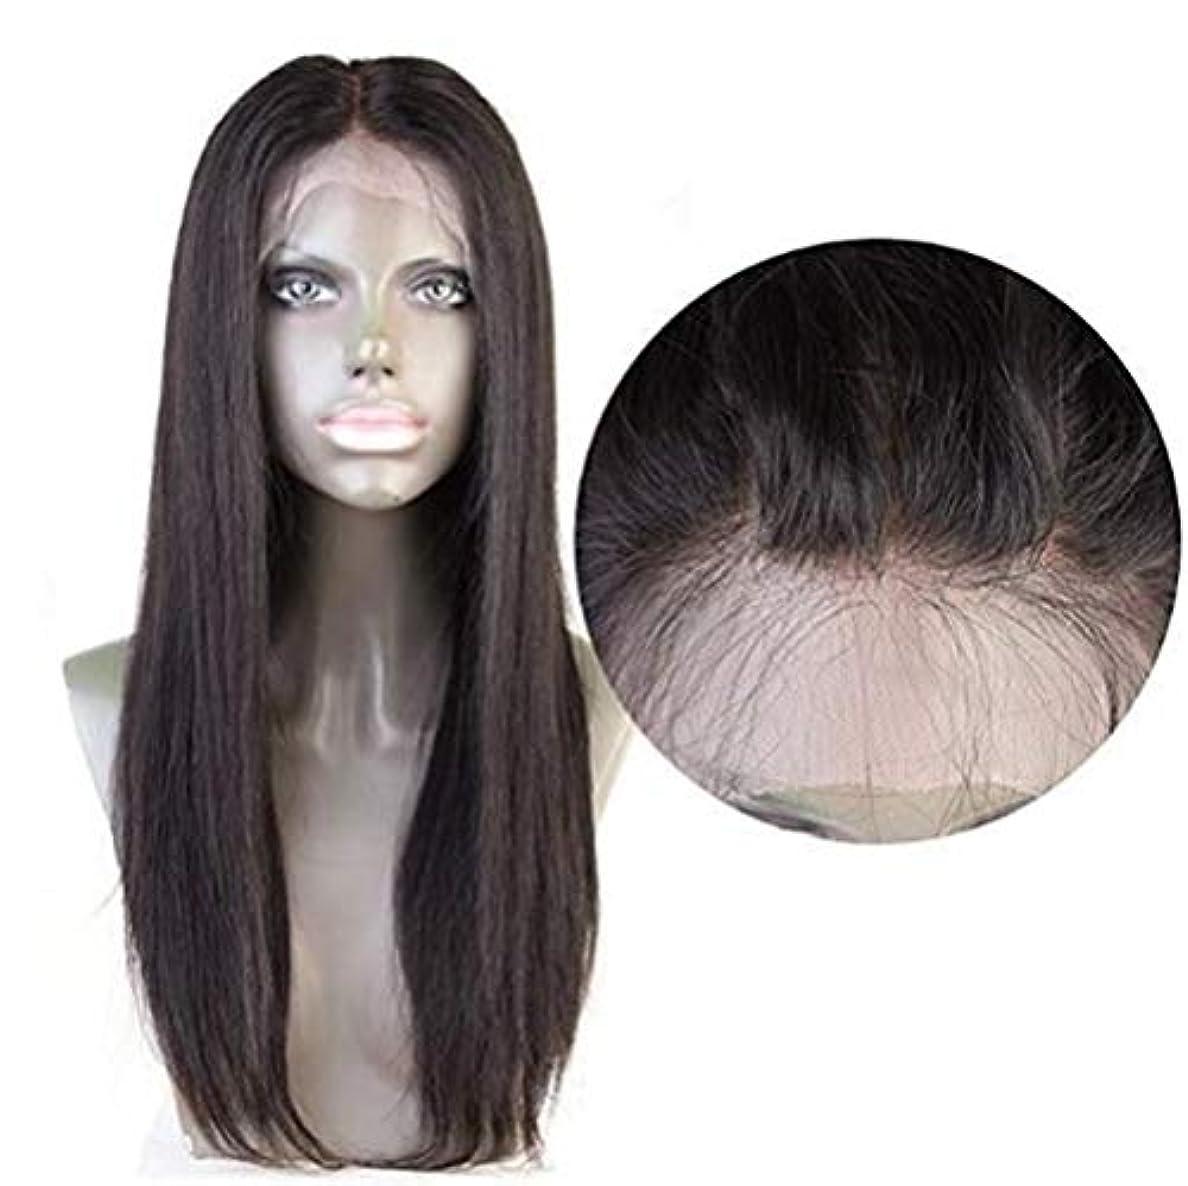 テザーたるみカバー女性ストレートヘア4×4レース前頭かつらブラジルバージン人間の髪赤ちゃんの髪自然な色で